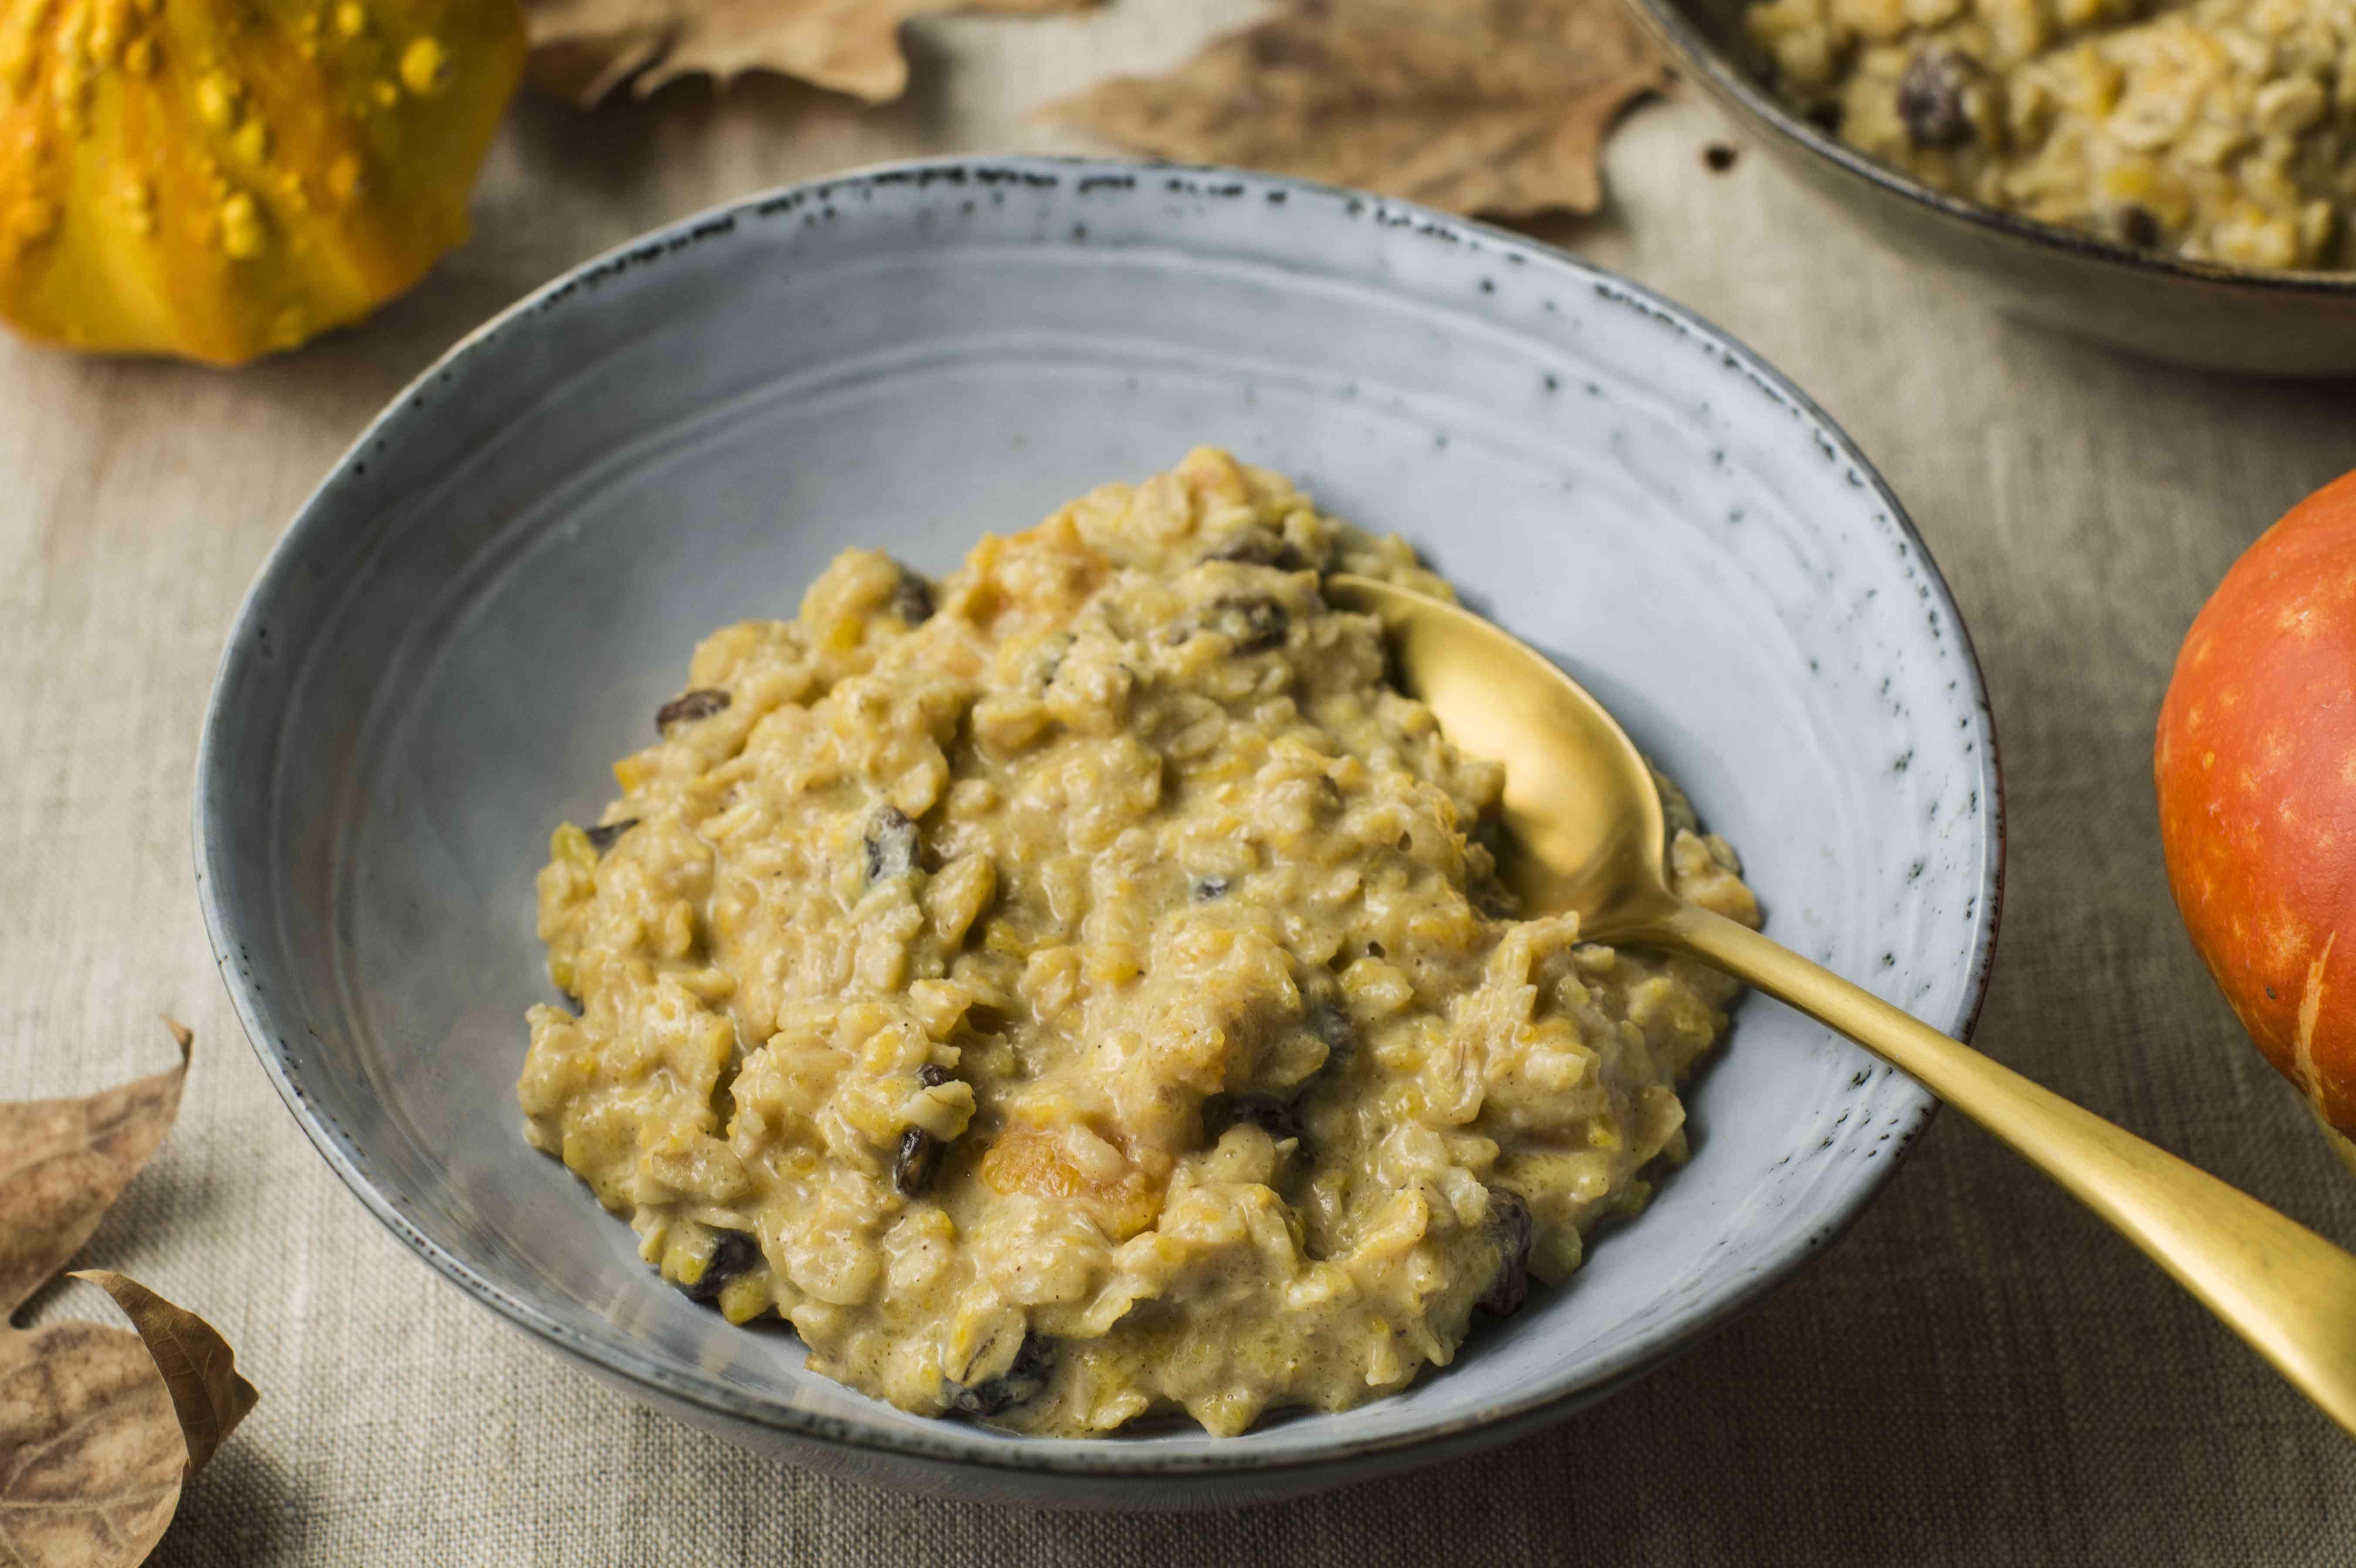 Low fat pumpkin oatmeal recipe